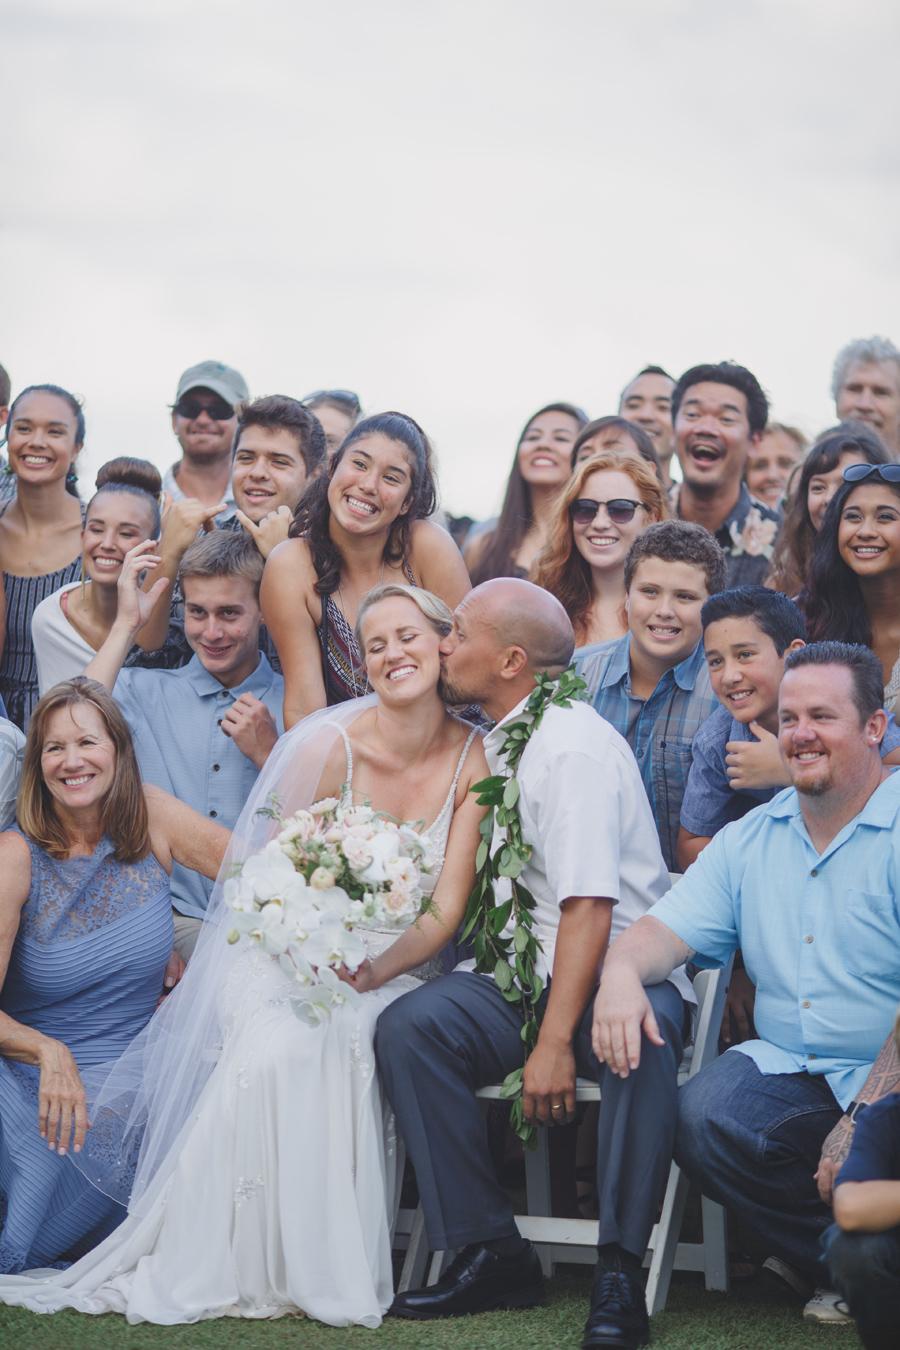 maui wedding large group photography